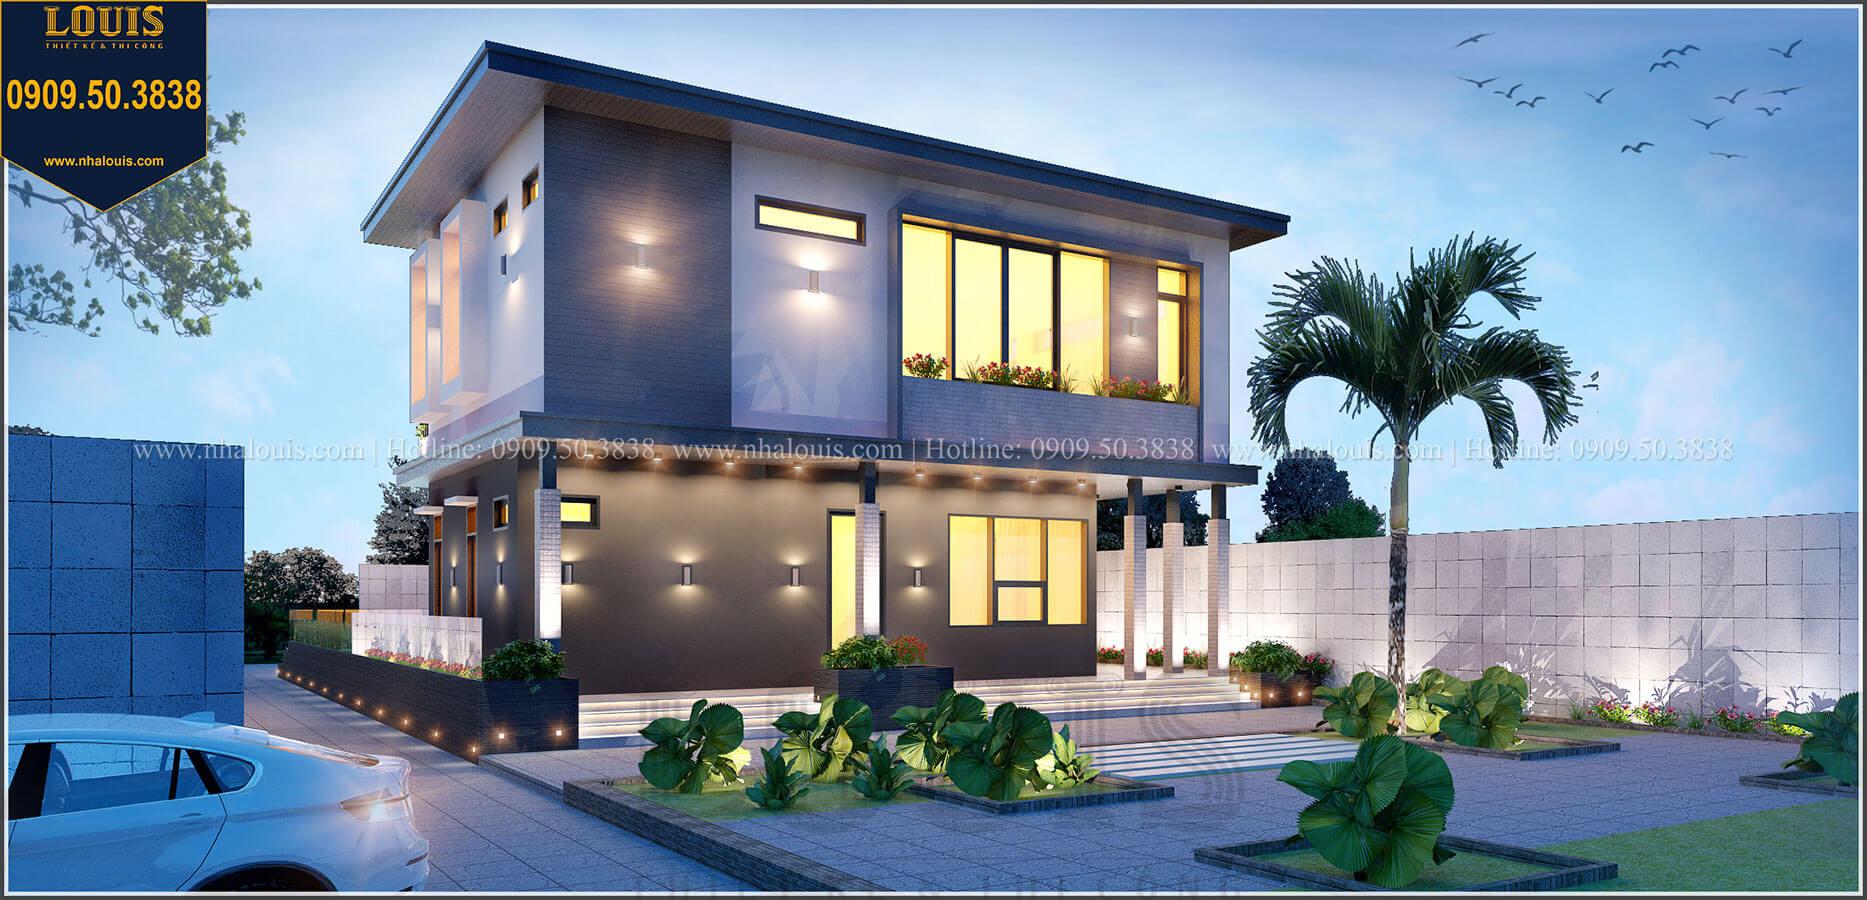 Mặt tiền Biệt thự 2 tầng hiện đại mặt tiền 13.5m sang chảnh tại Kiên Giang - 04